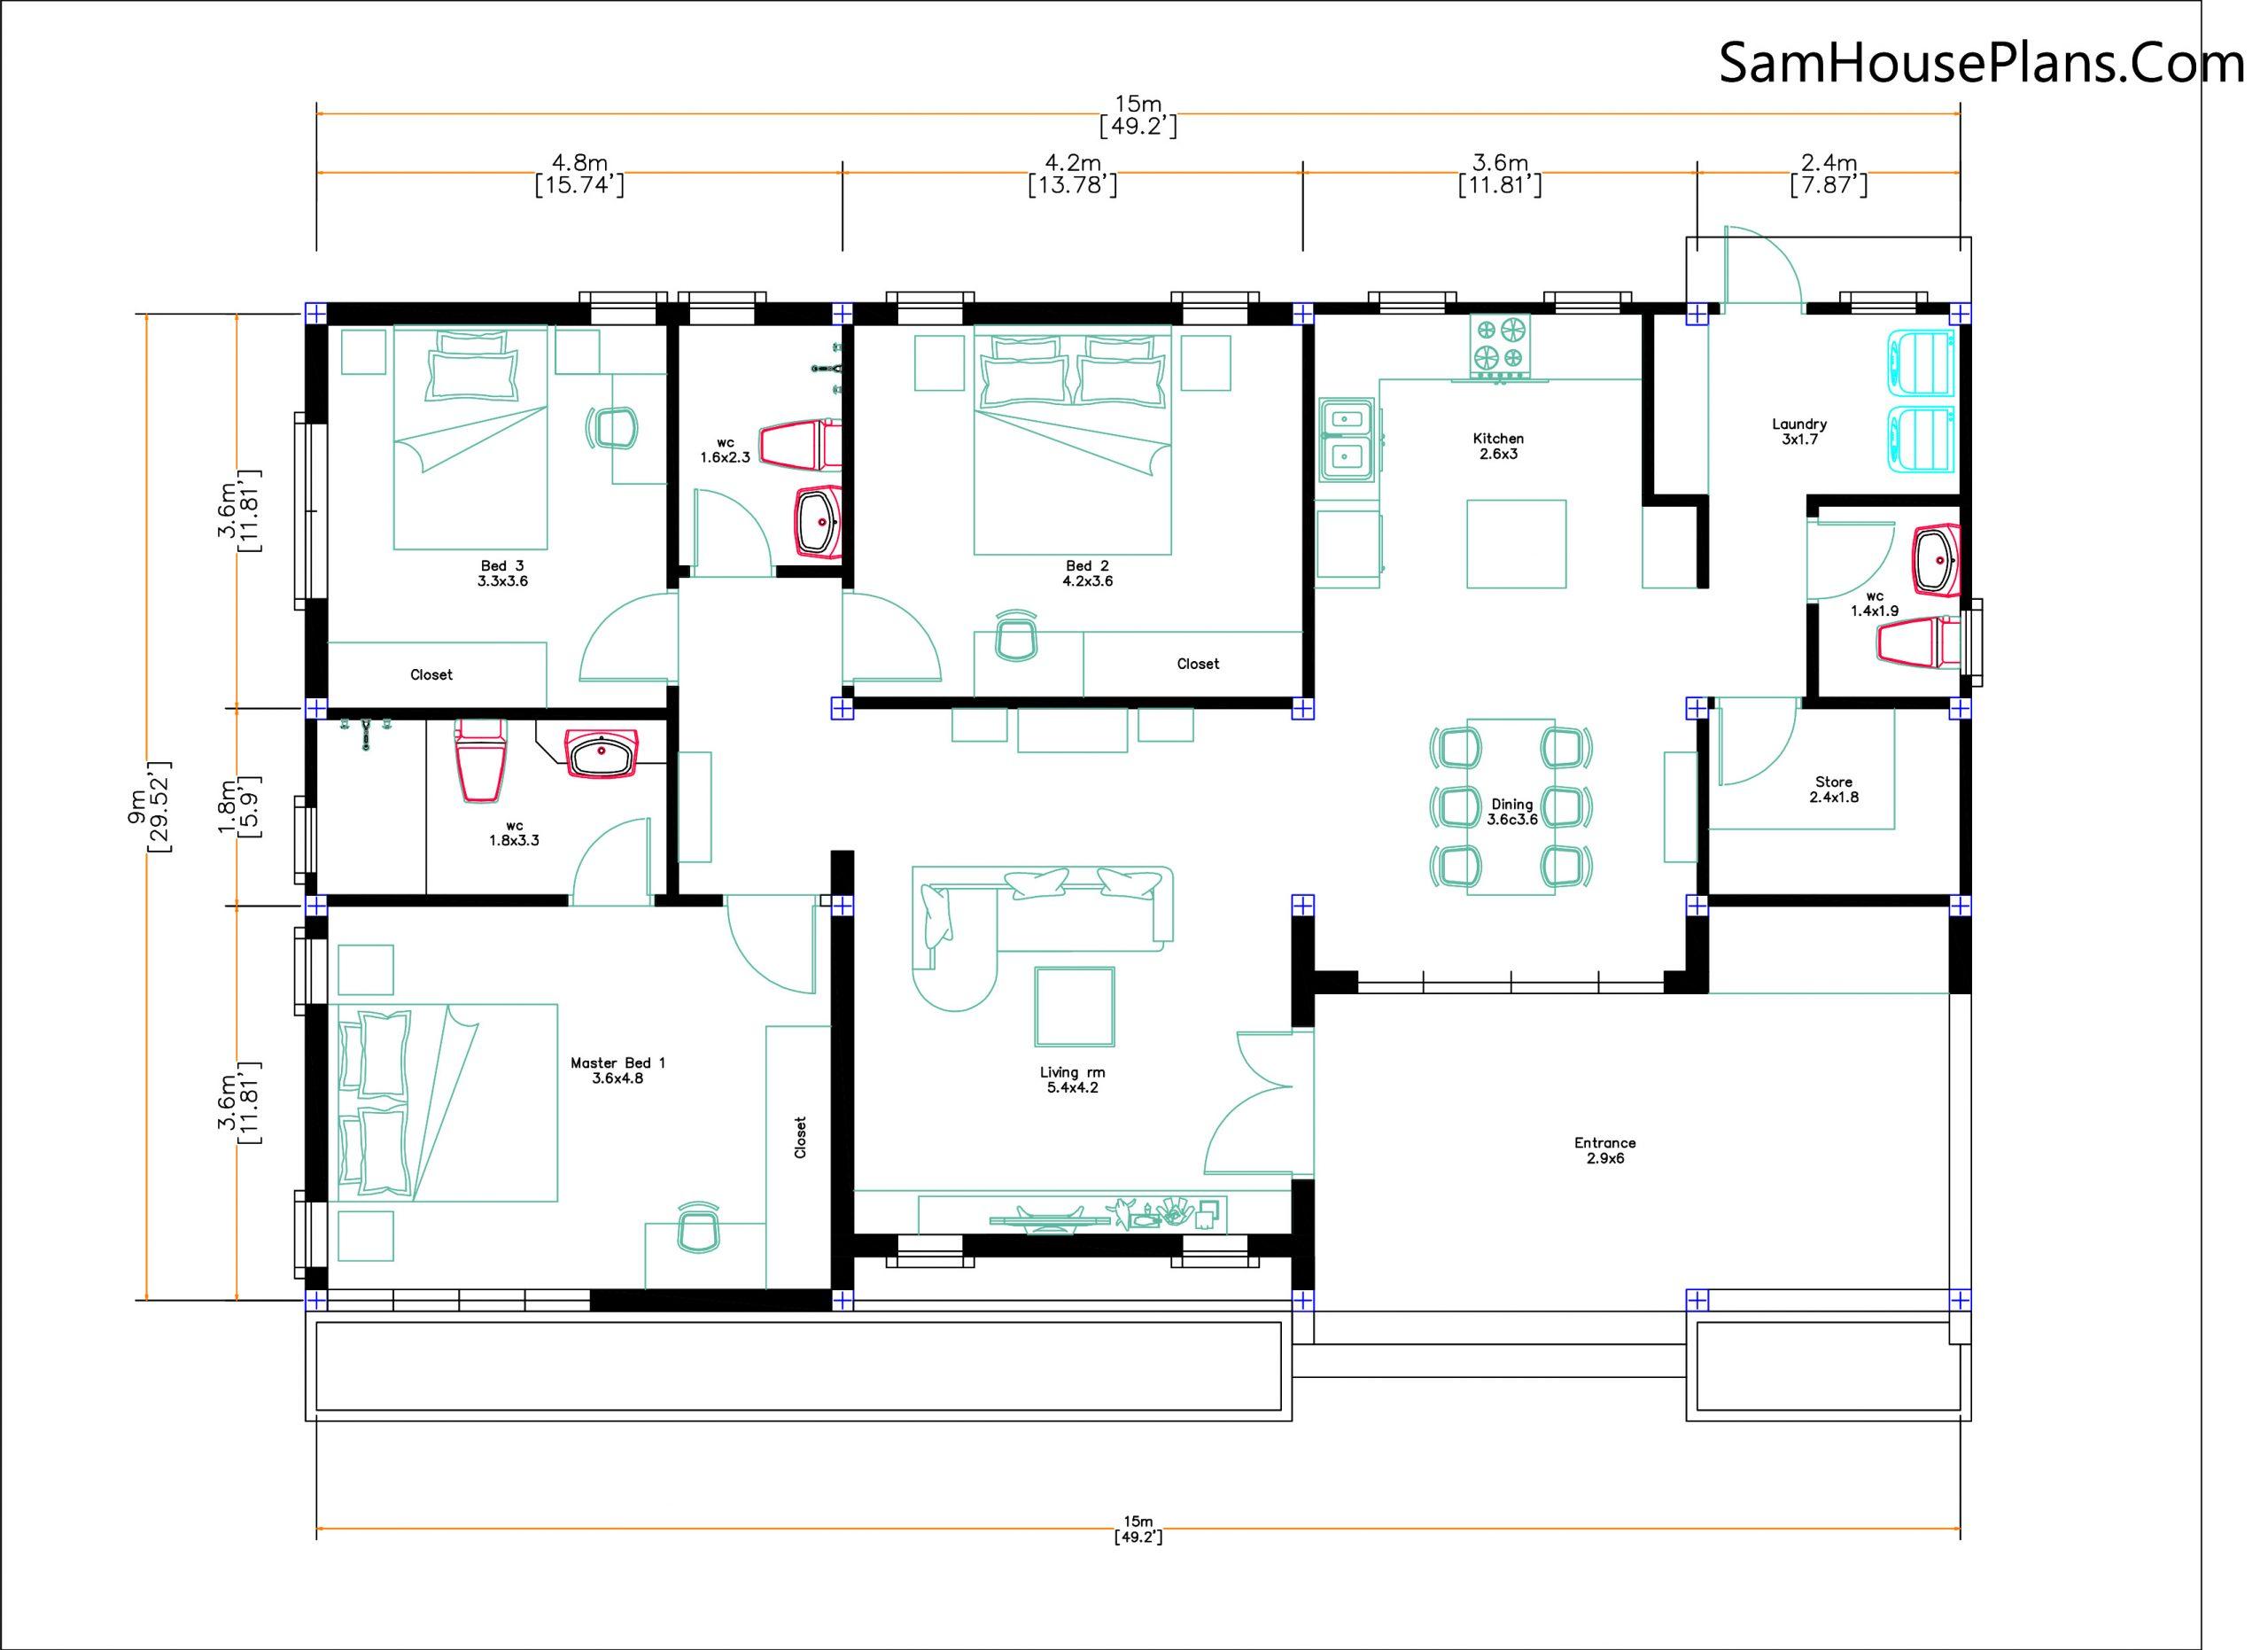 Layout floor plan Modern House Design 15x9 M 49x30 Feet 3 Beds PDF Plan 3d